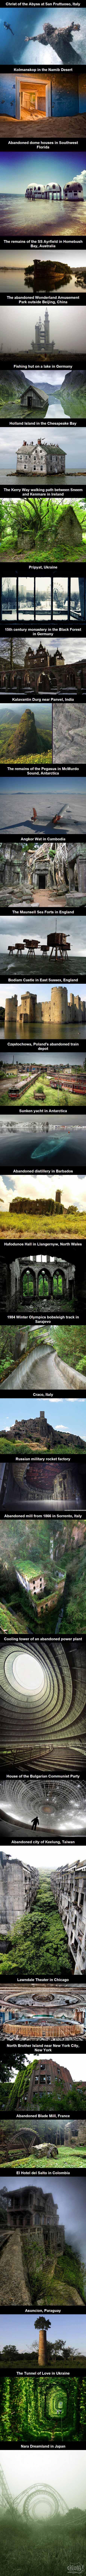 33个被遗弃的最美丽的地方